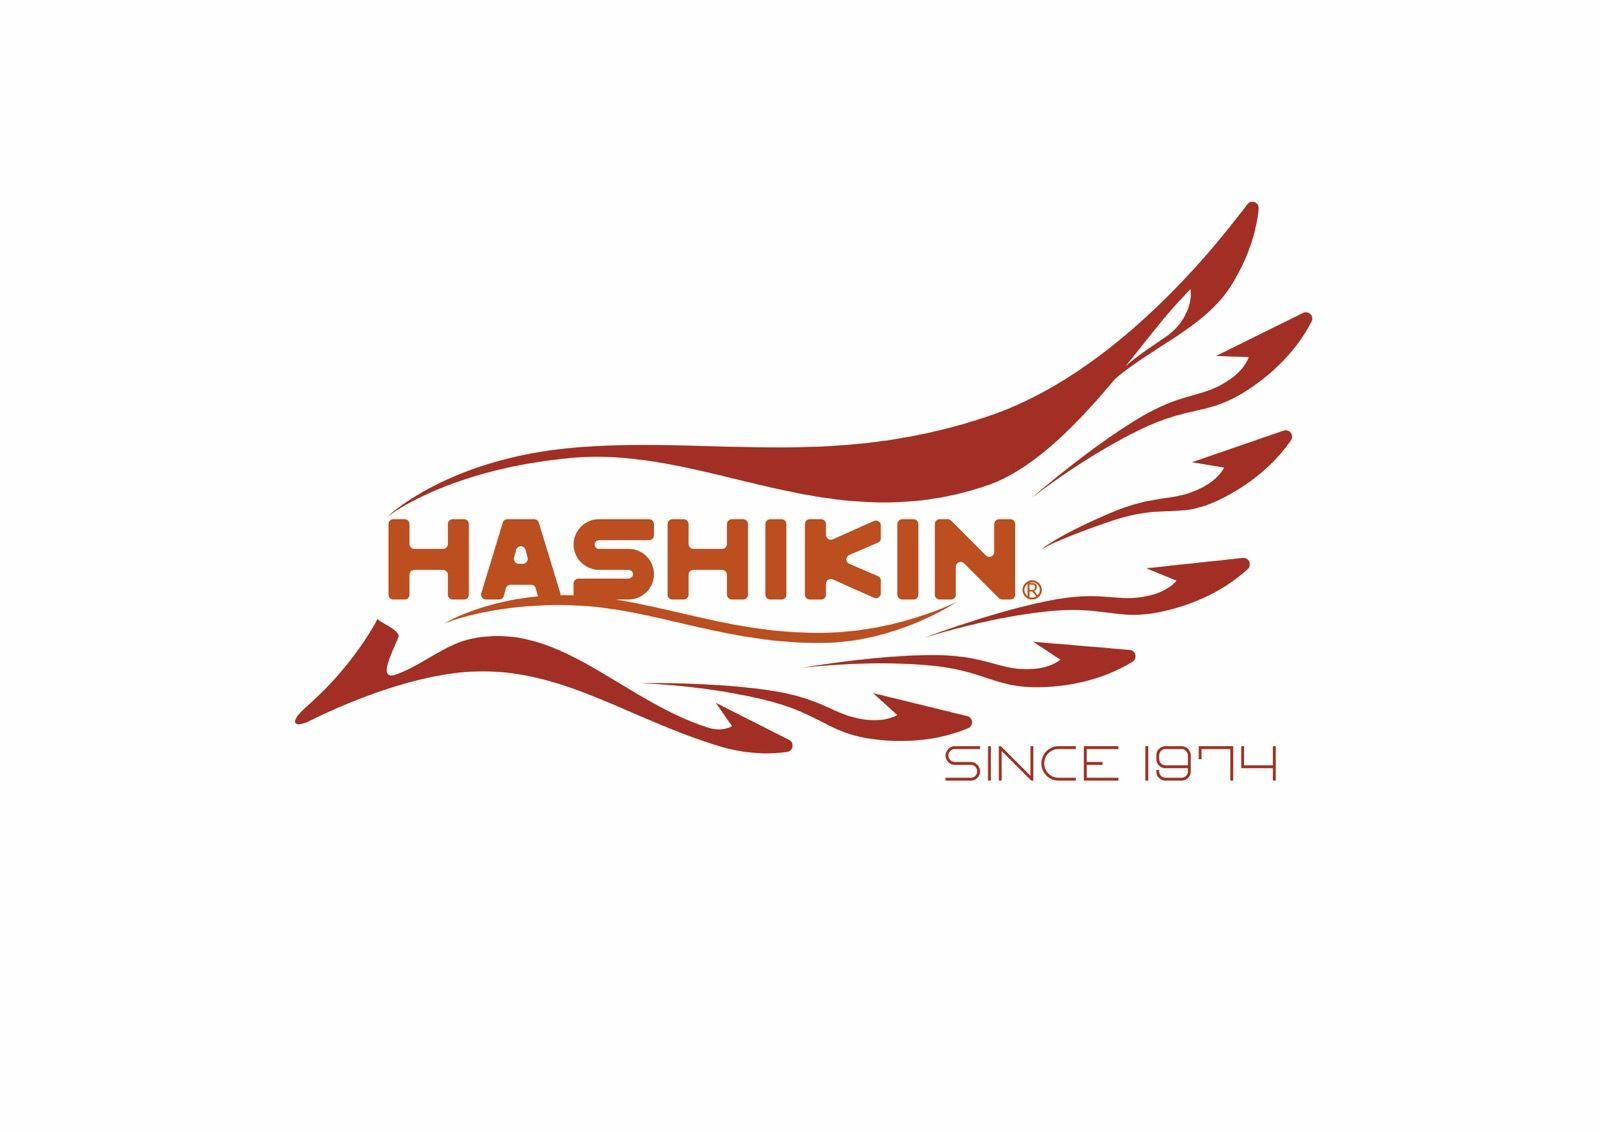 HASHIKIN STORE